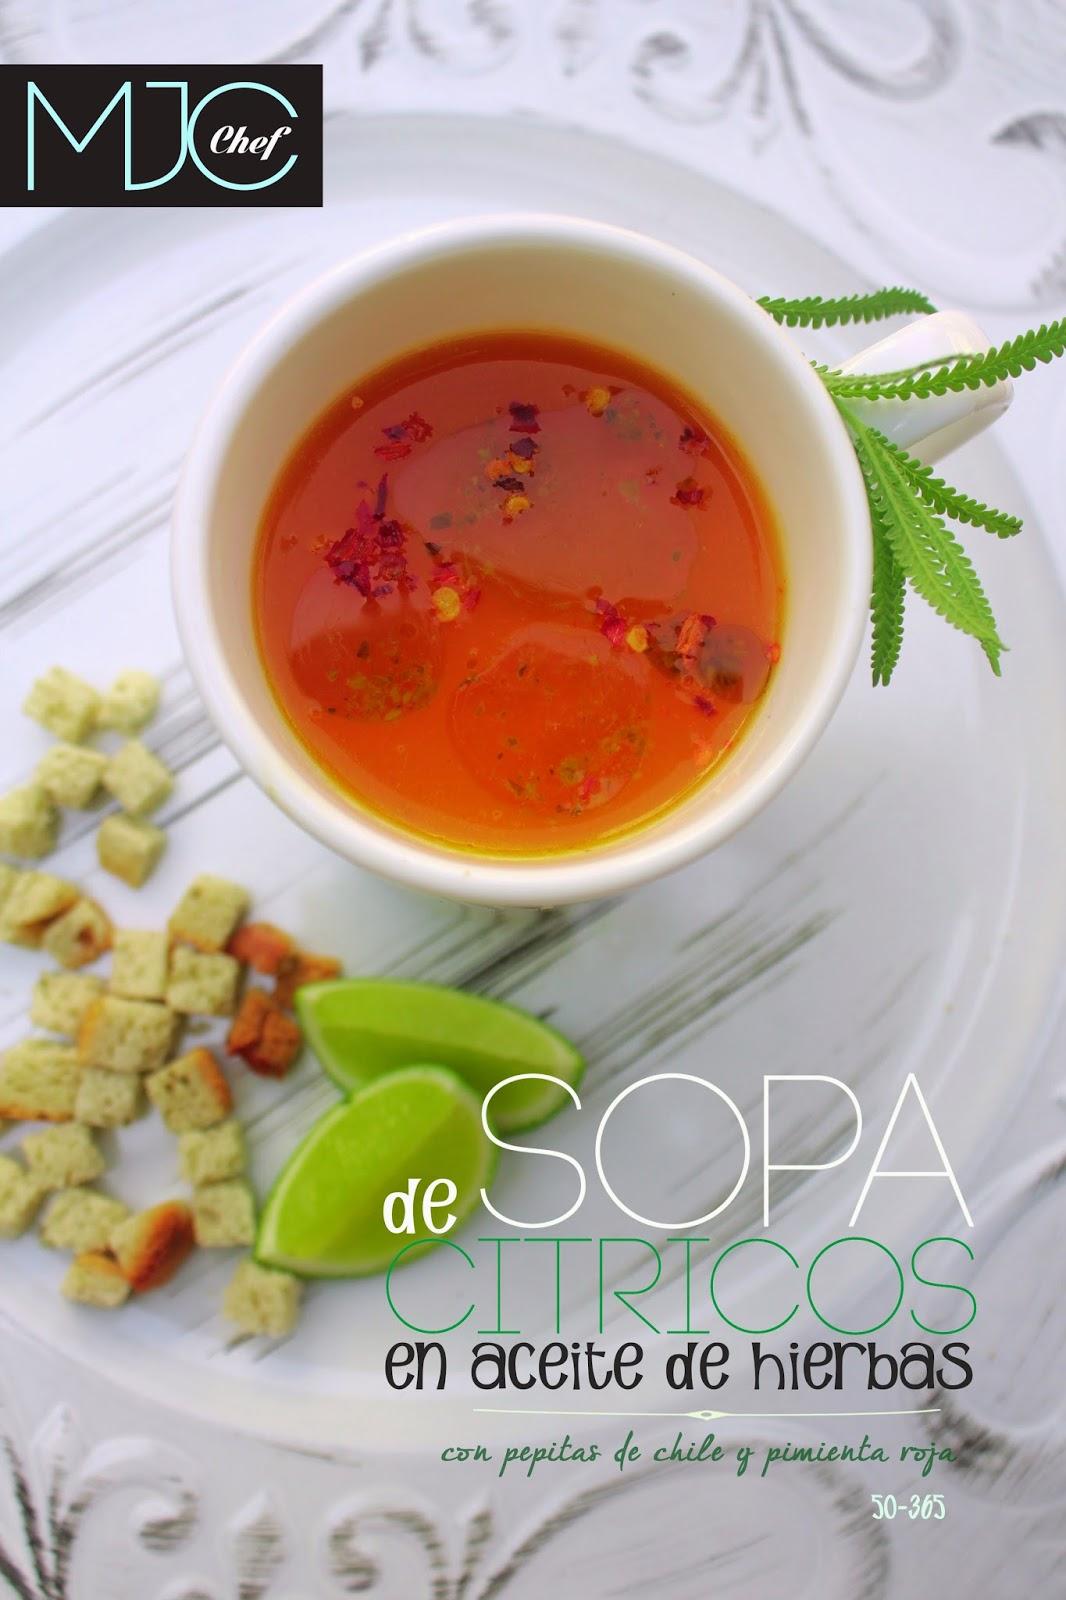 Sopa de cítricos